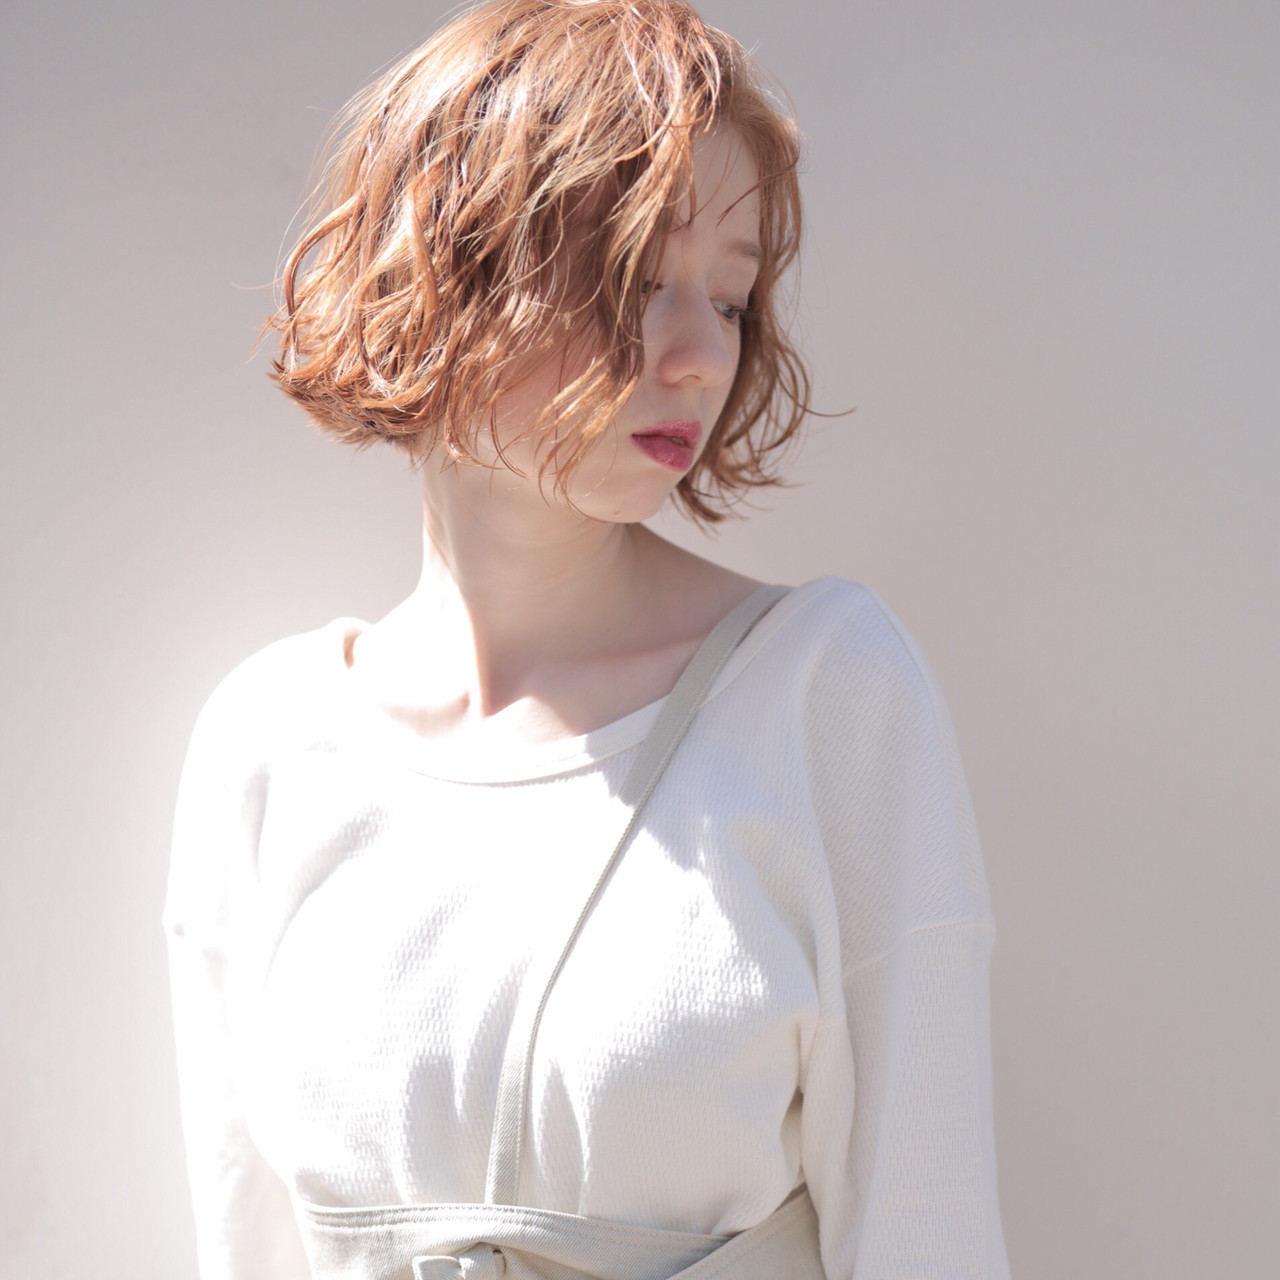 ボブ ブラウンベージュ 透明感カラー ミニボブ ヘアスタイルや髪型の写真・画像